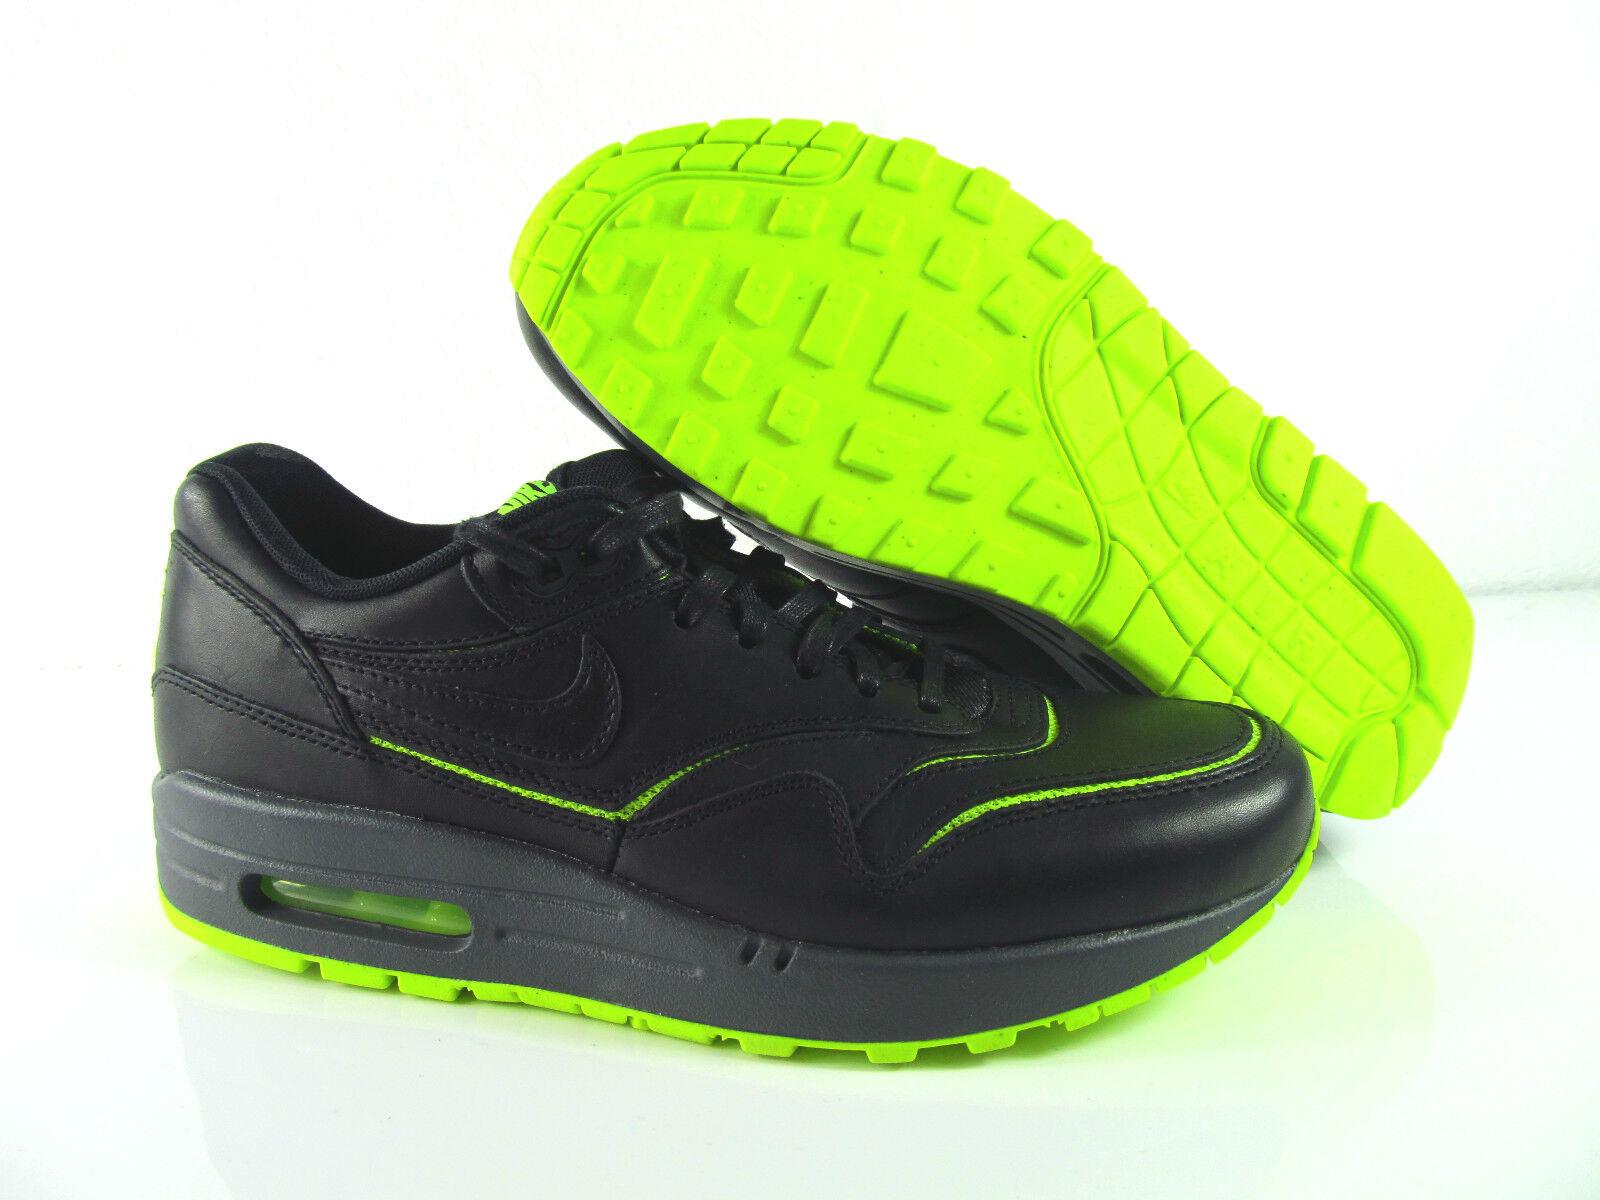 Nike Air Max 1 cut out PRM Negro voltios cuero 40 cortos Zapatos  eur_32018 40 cuero 41 dd3999